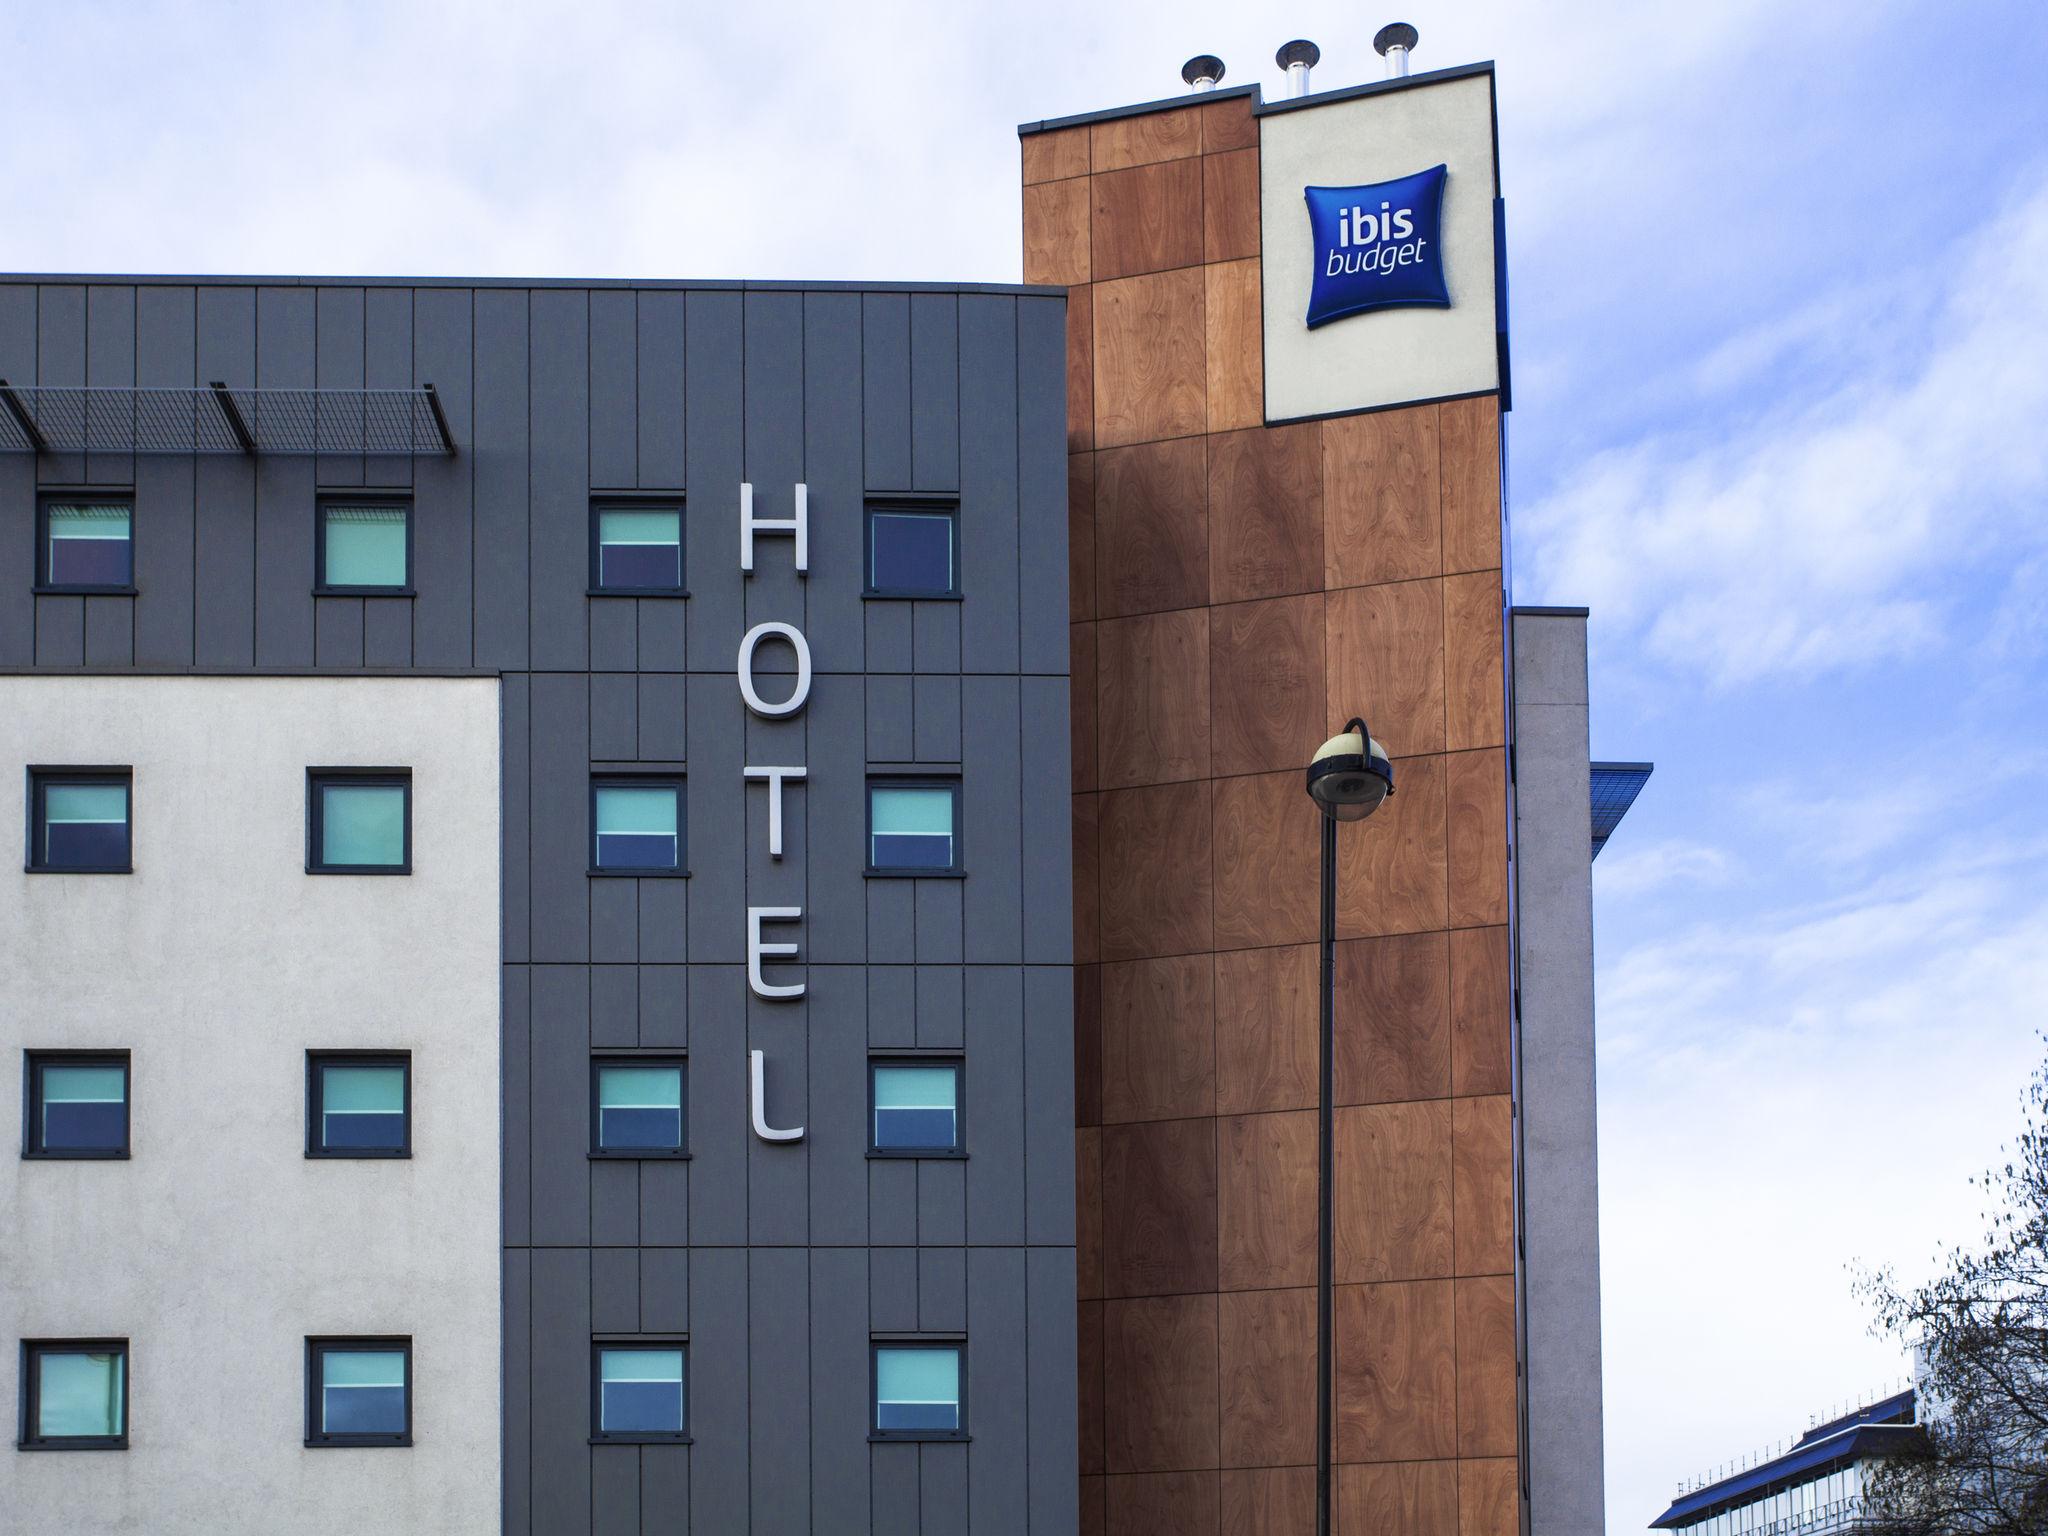 فندق - إيبيس بدجت ibis budget لندن هونسلو